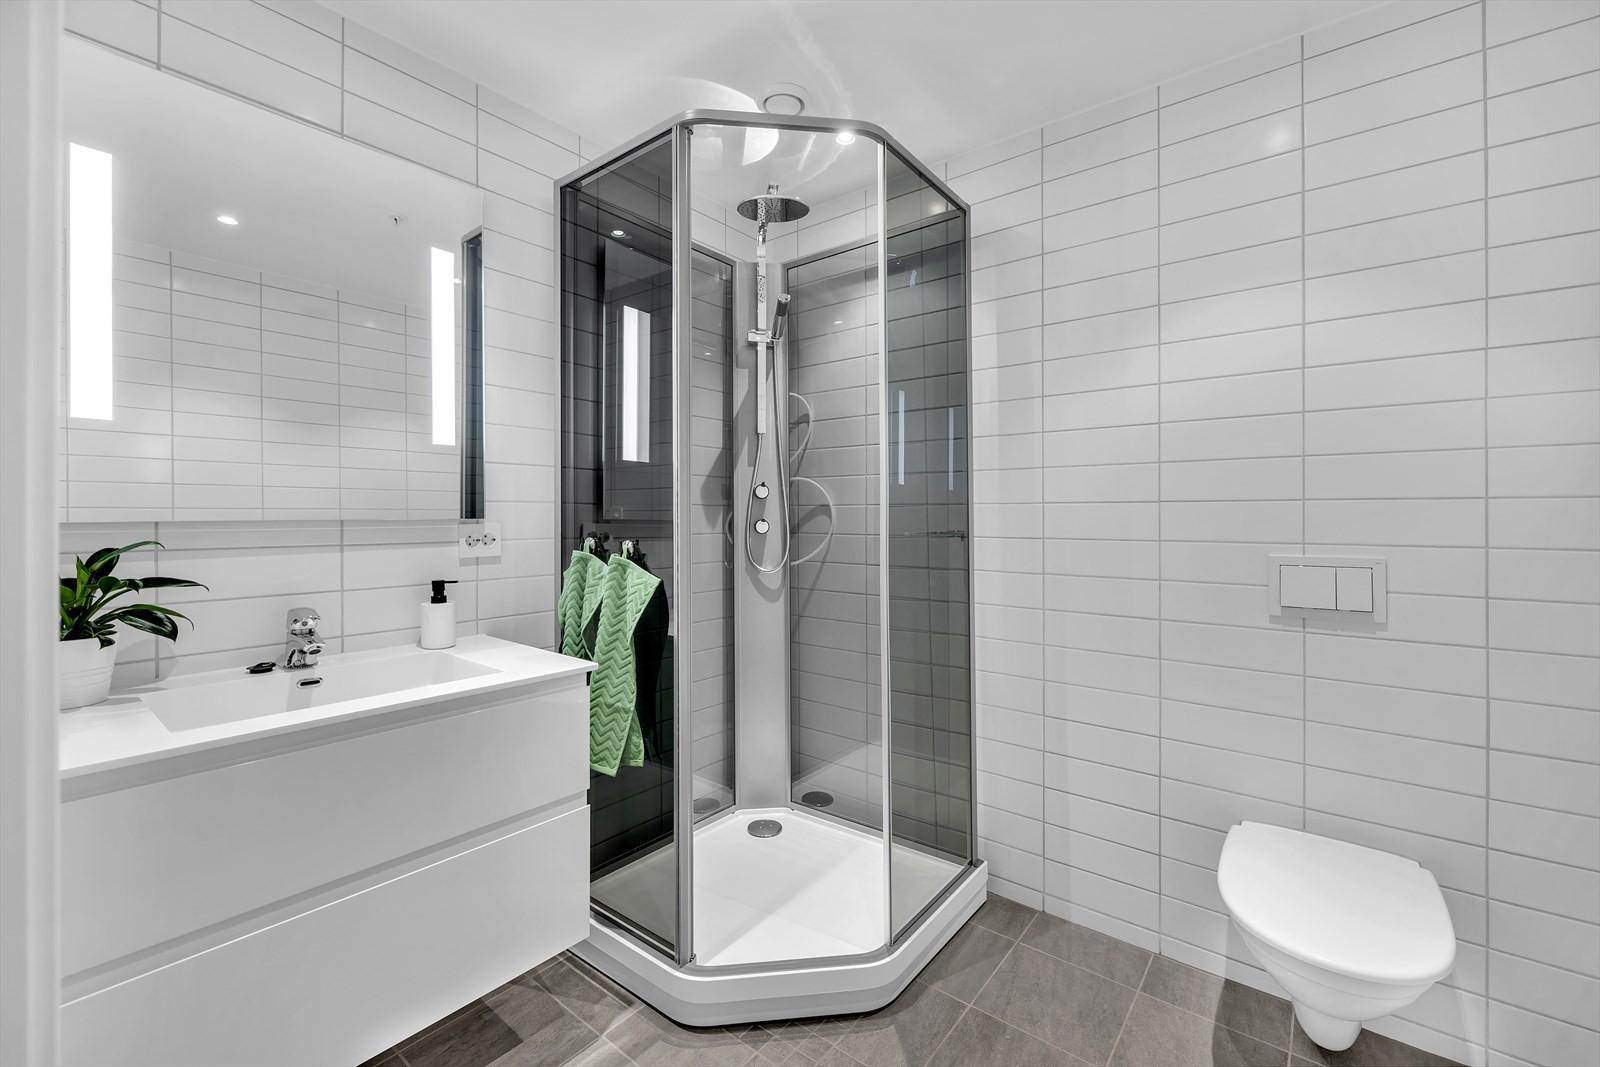 Badet er praktisk og fint med fliser på gulv og vegger